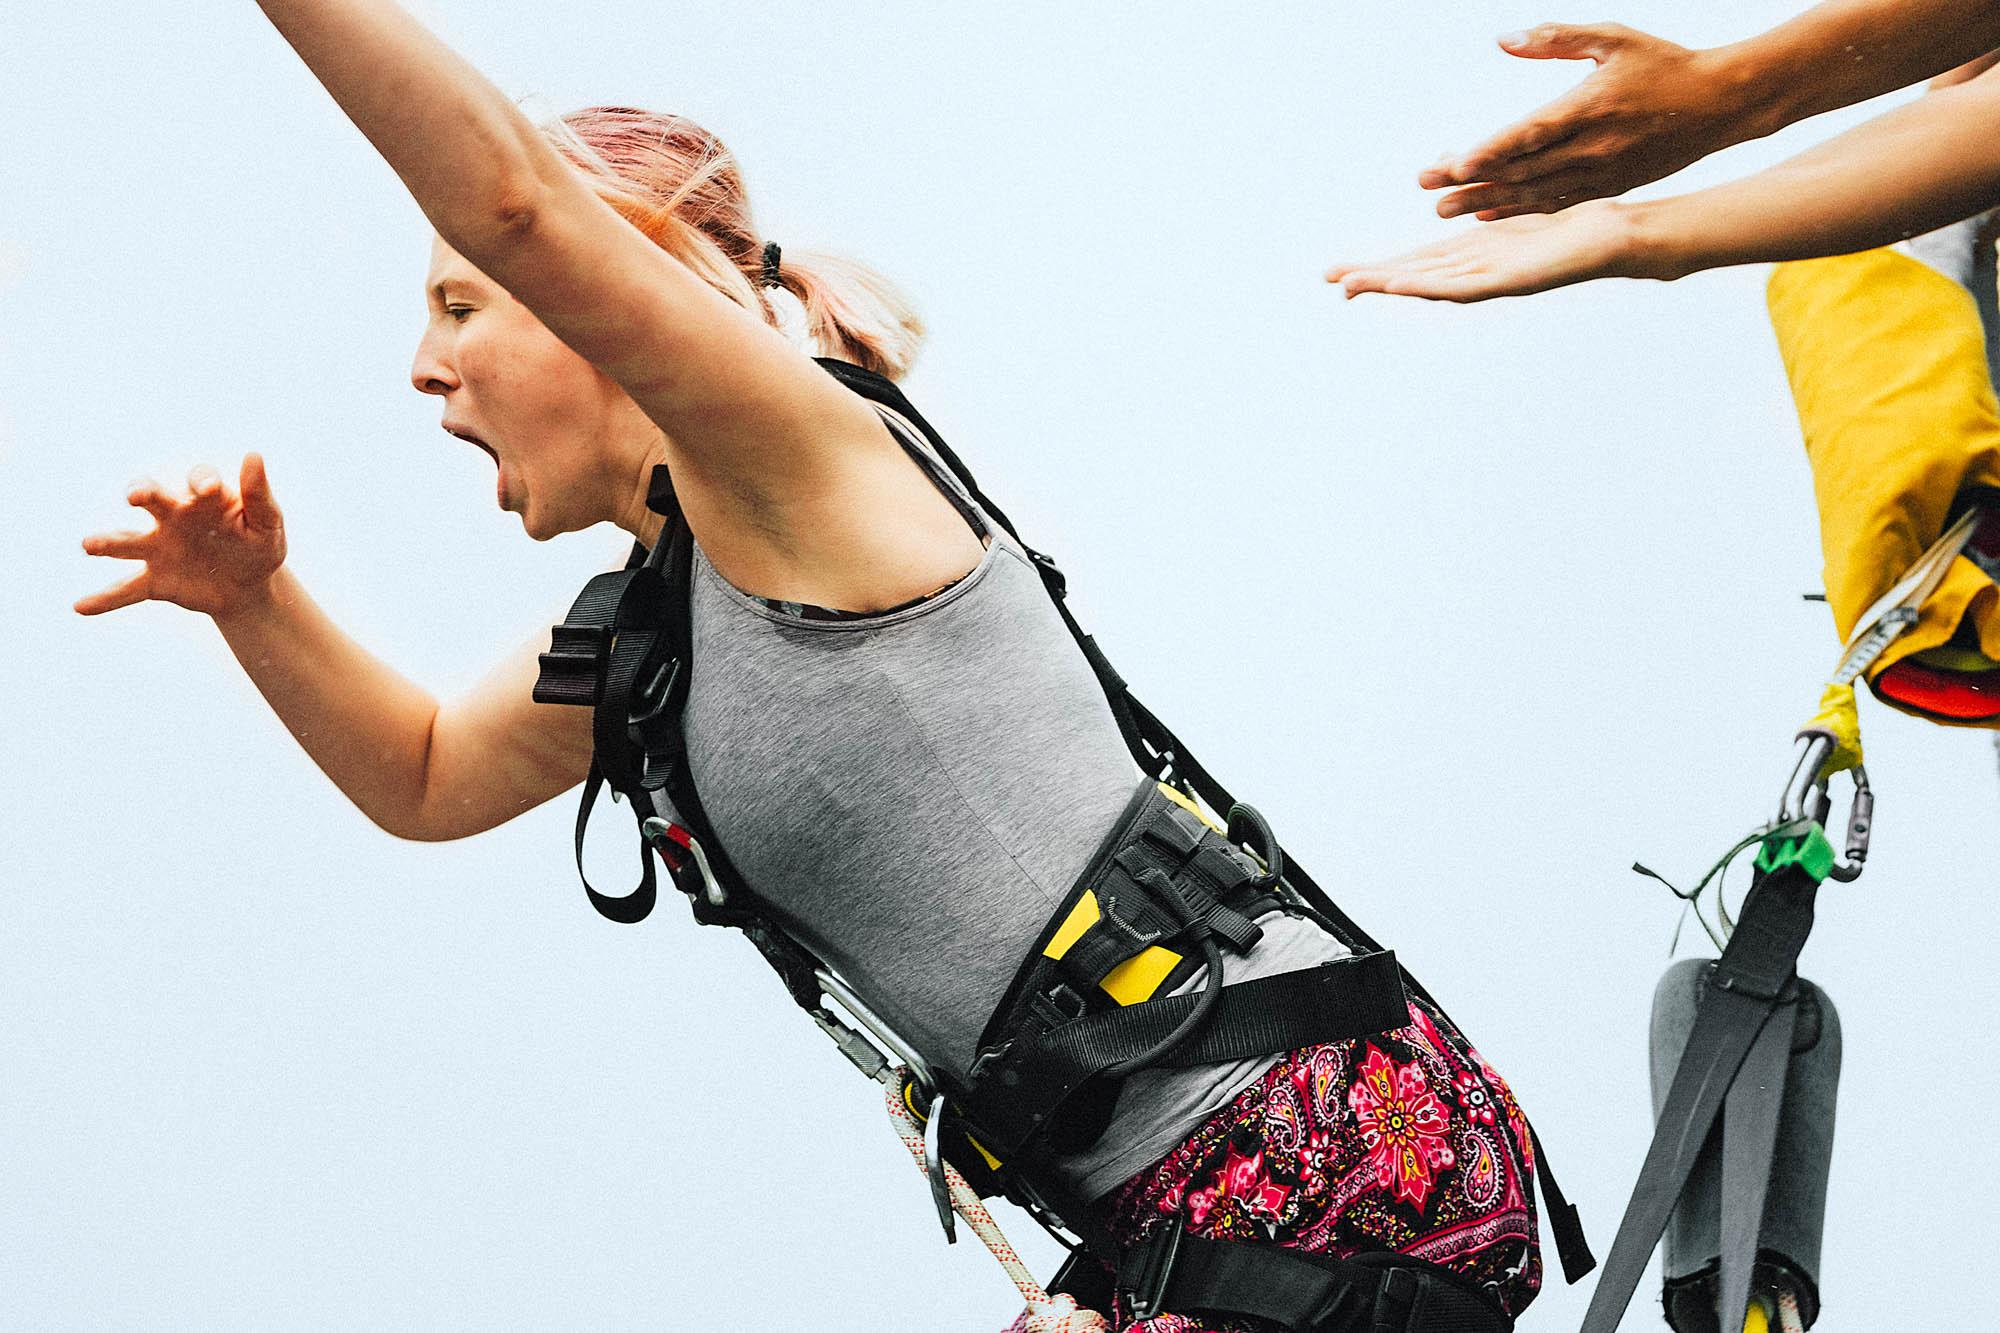 Eine Frau beim Bungee-Sprung